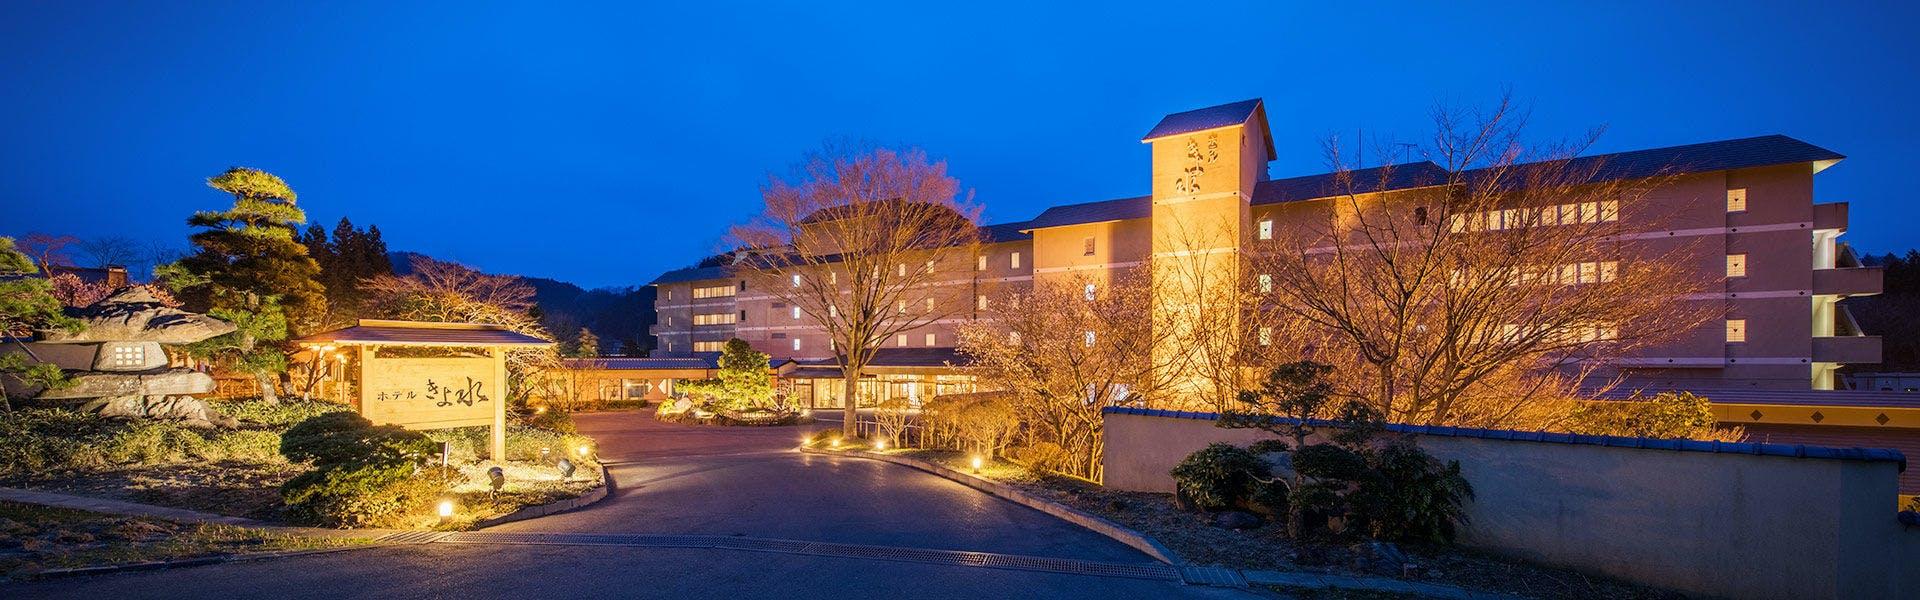 記念日におすすめのホテル・ホテルきよ水の写真1